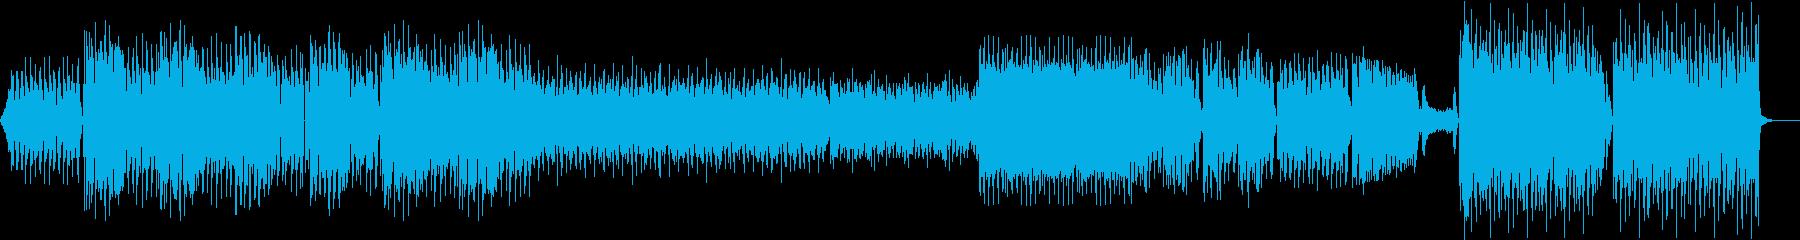 フェスオープニング/EDM・ダブステップの再生済みの波形